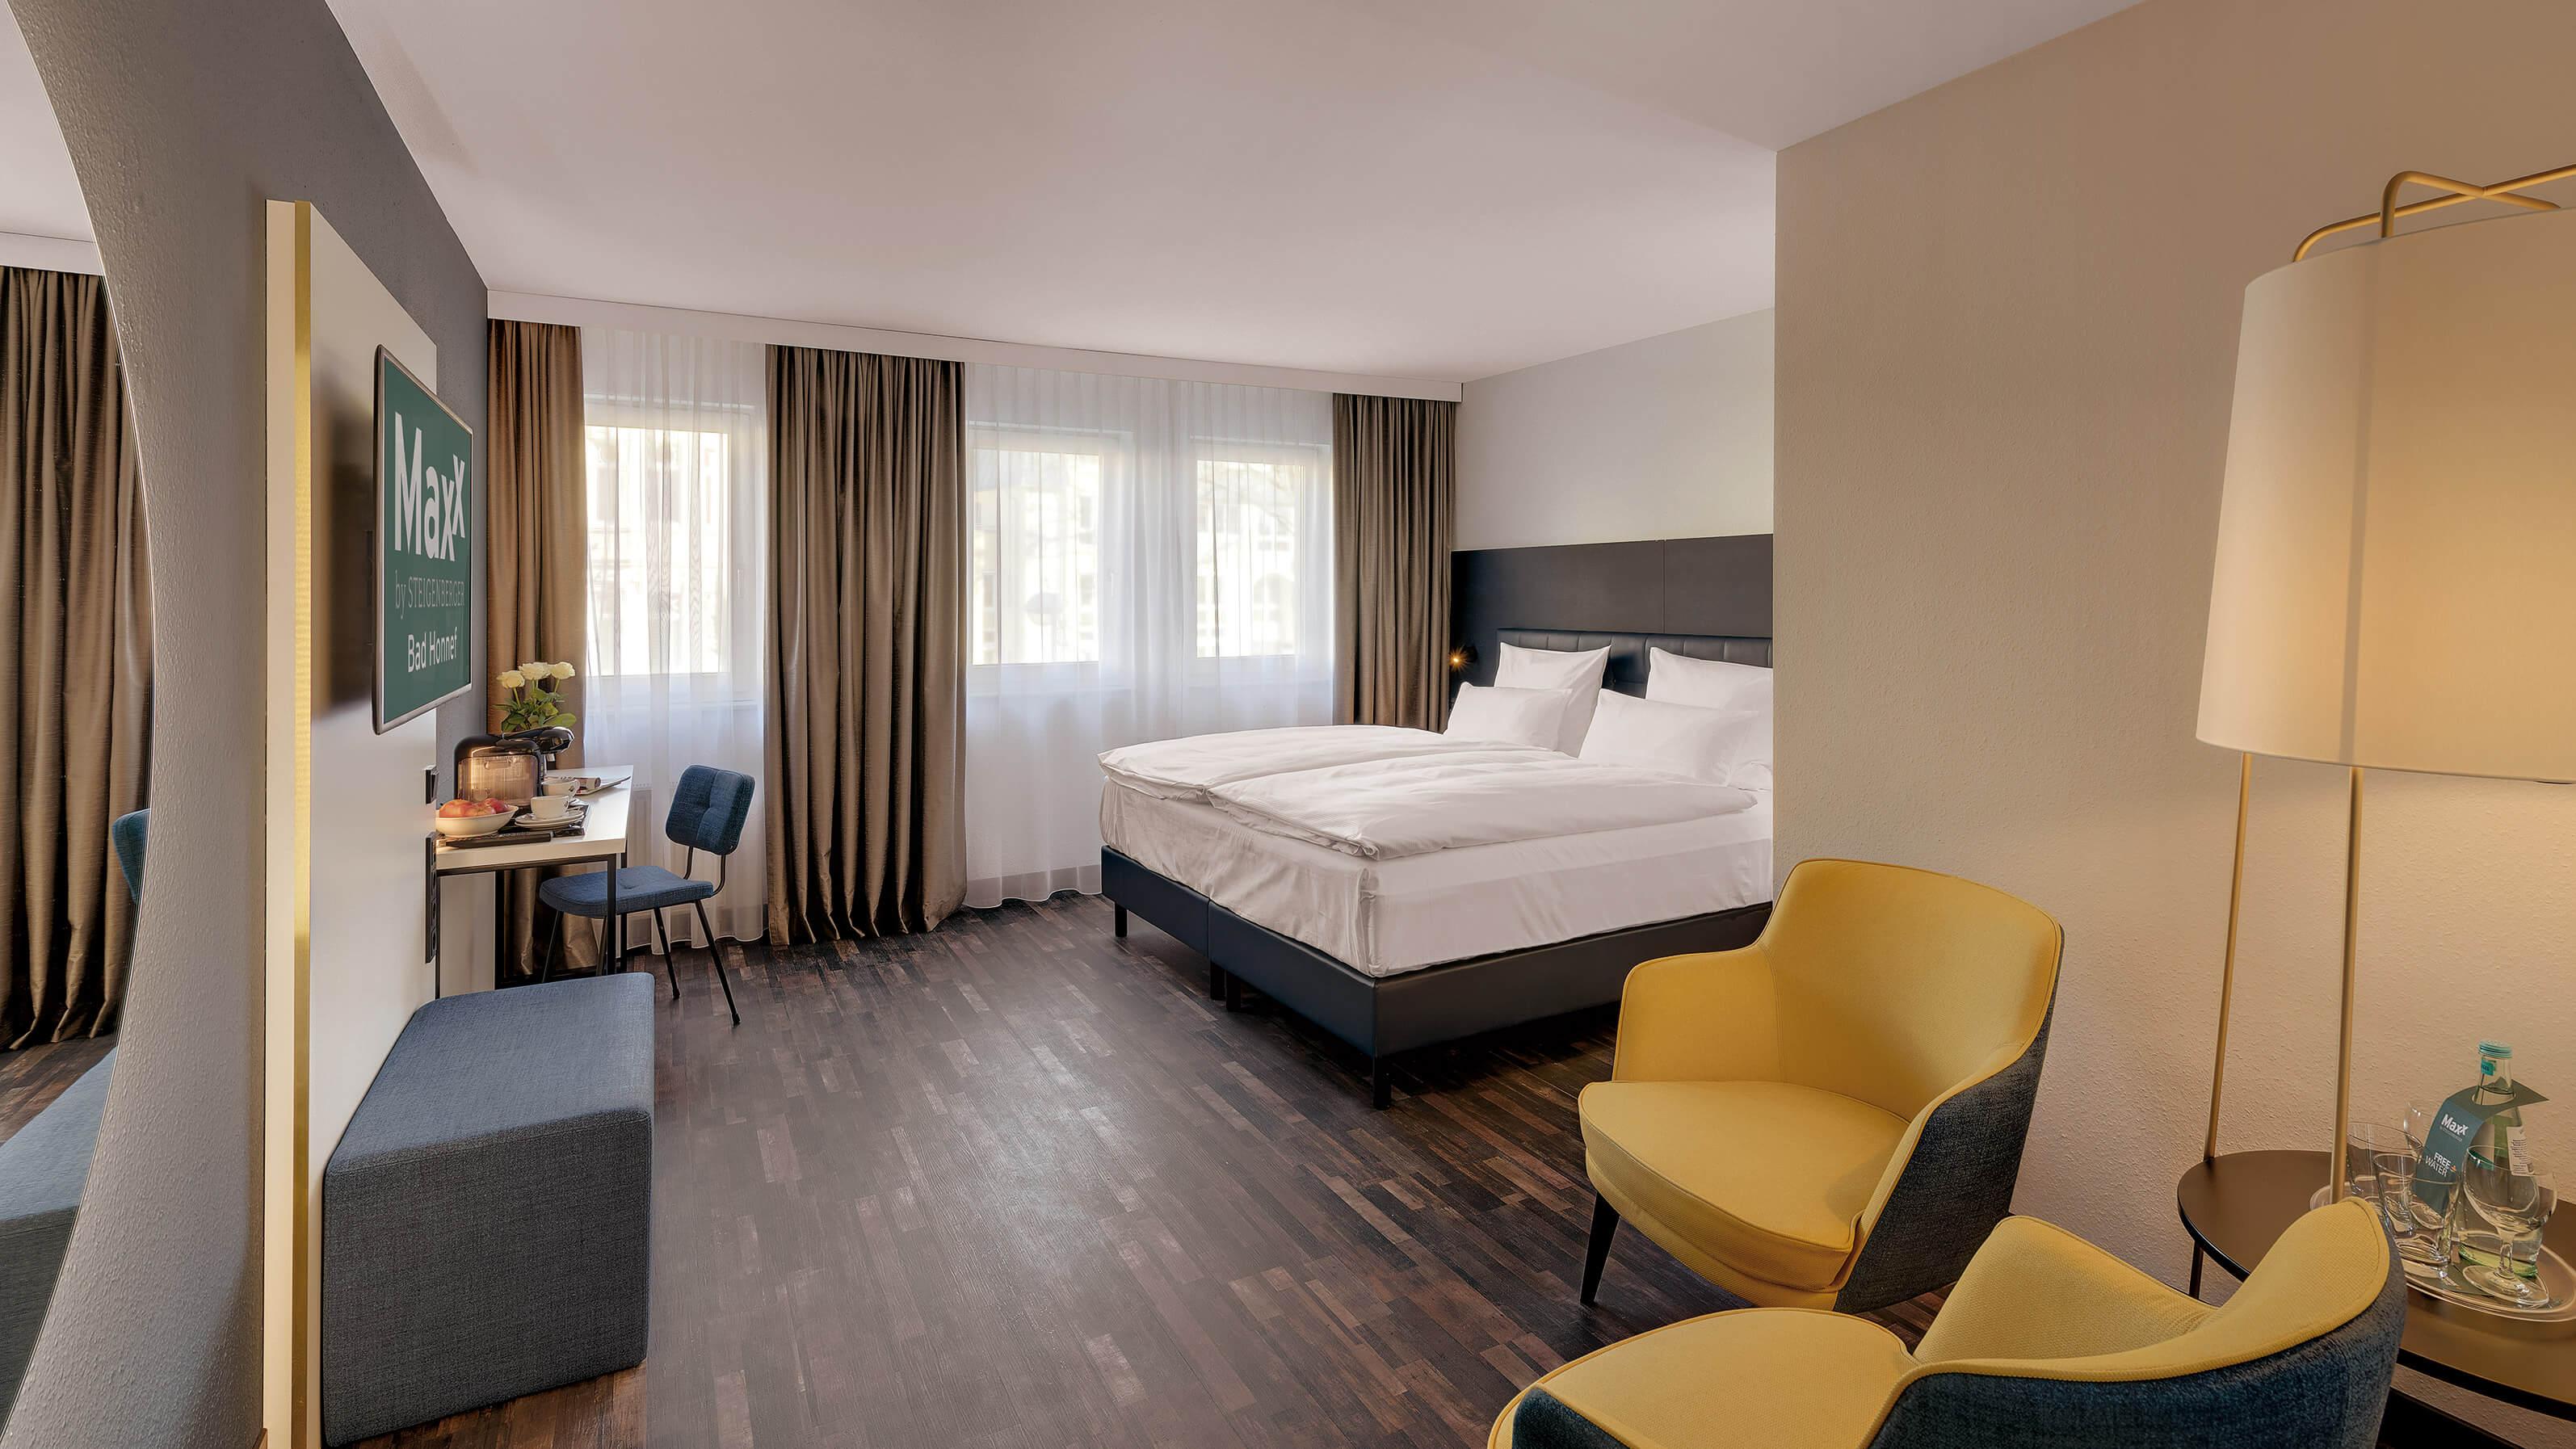 hotelausstattung-hoteleinrichtungen-bachhuber-bad-hohonnef9